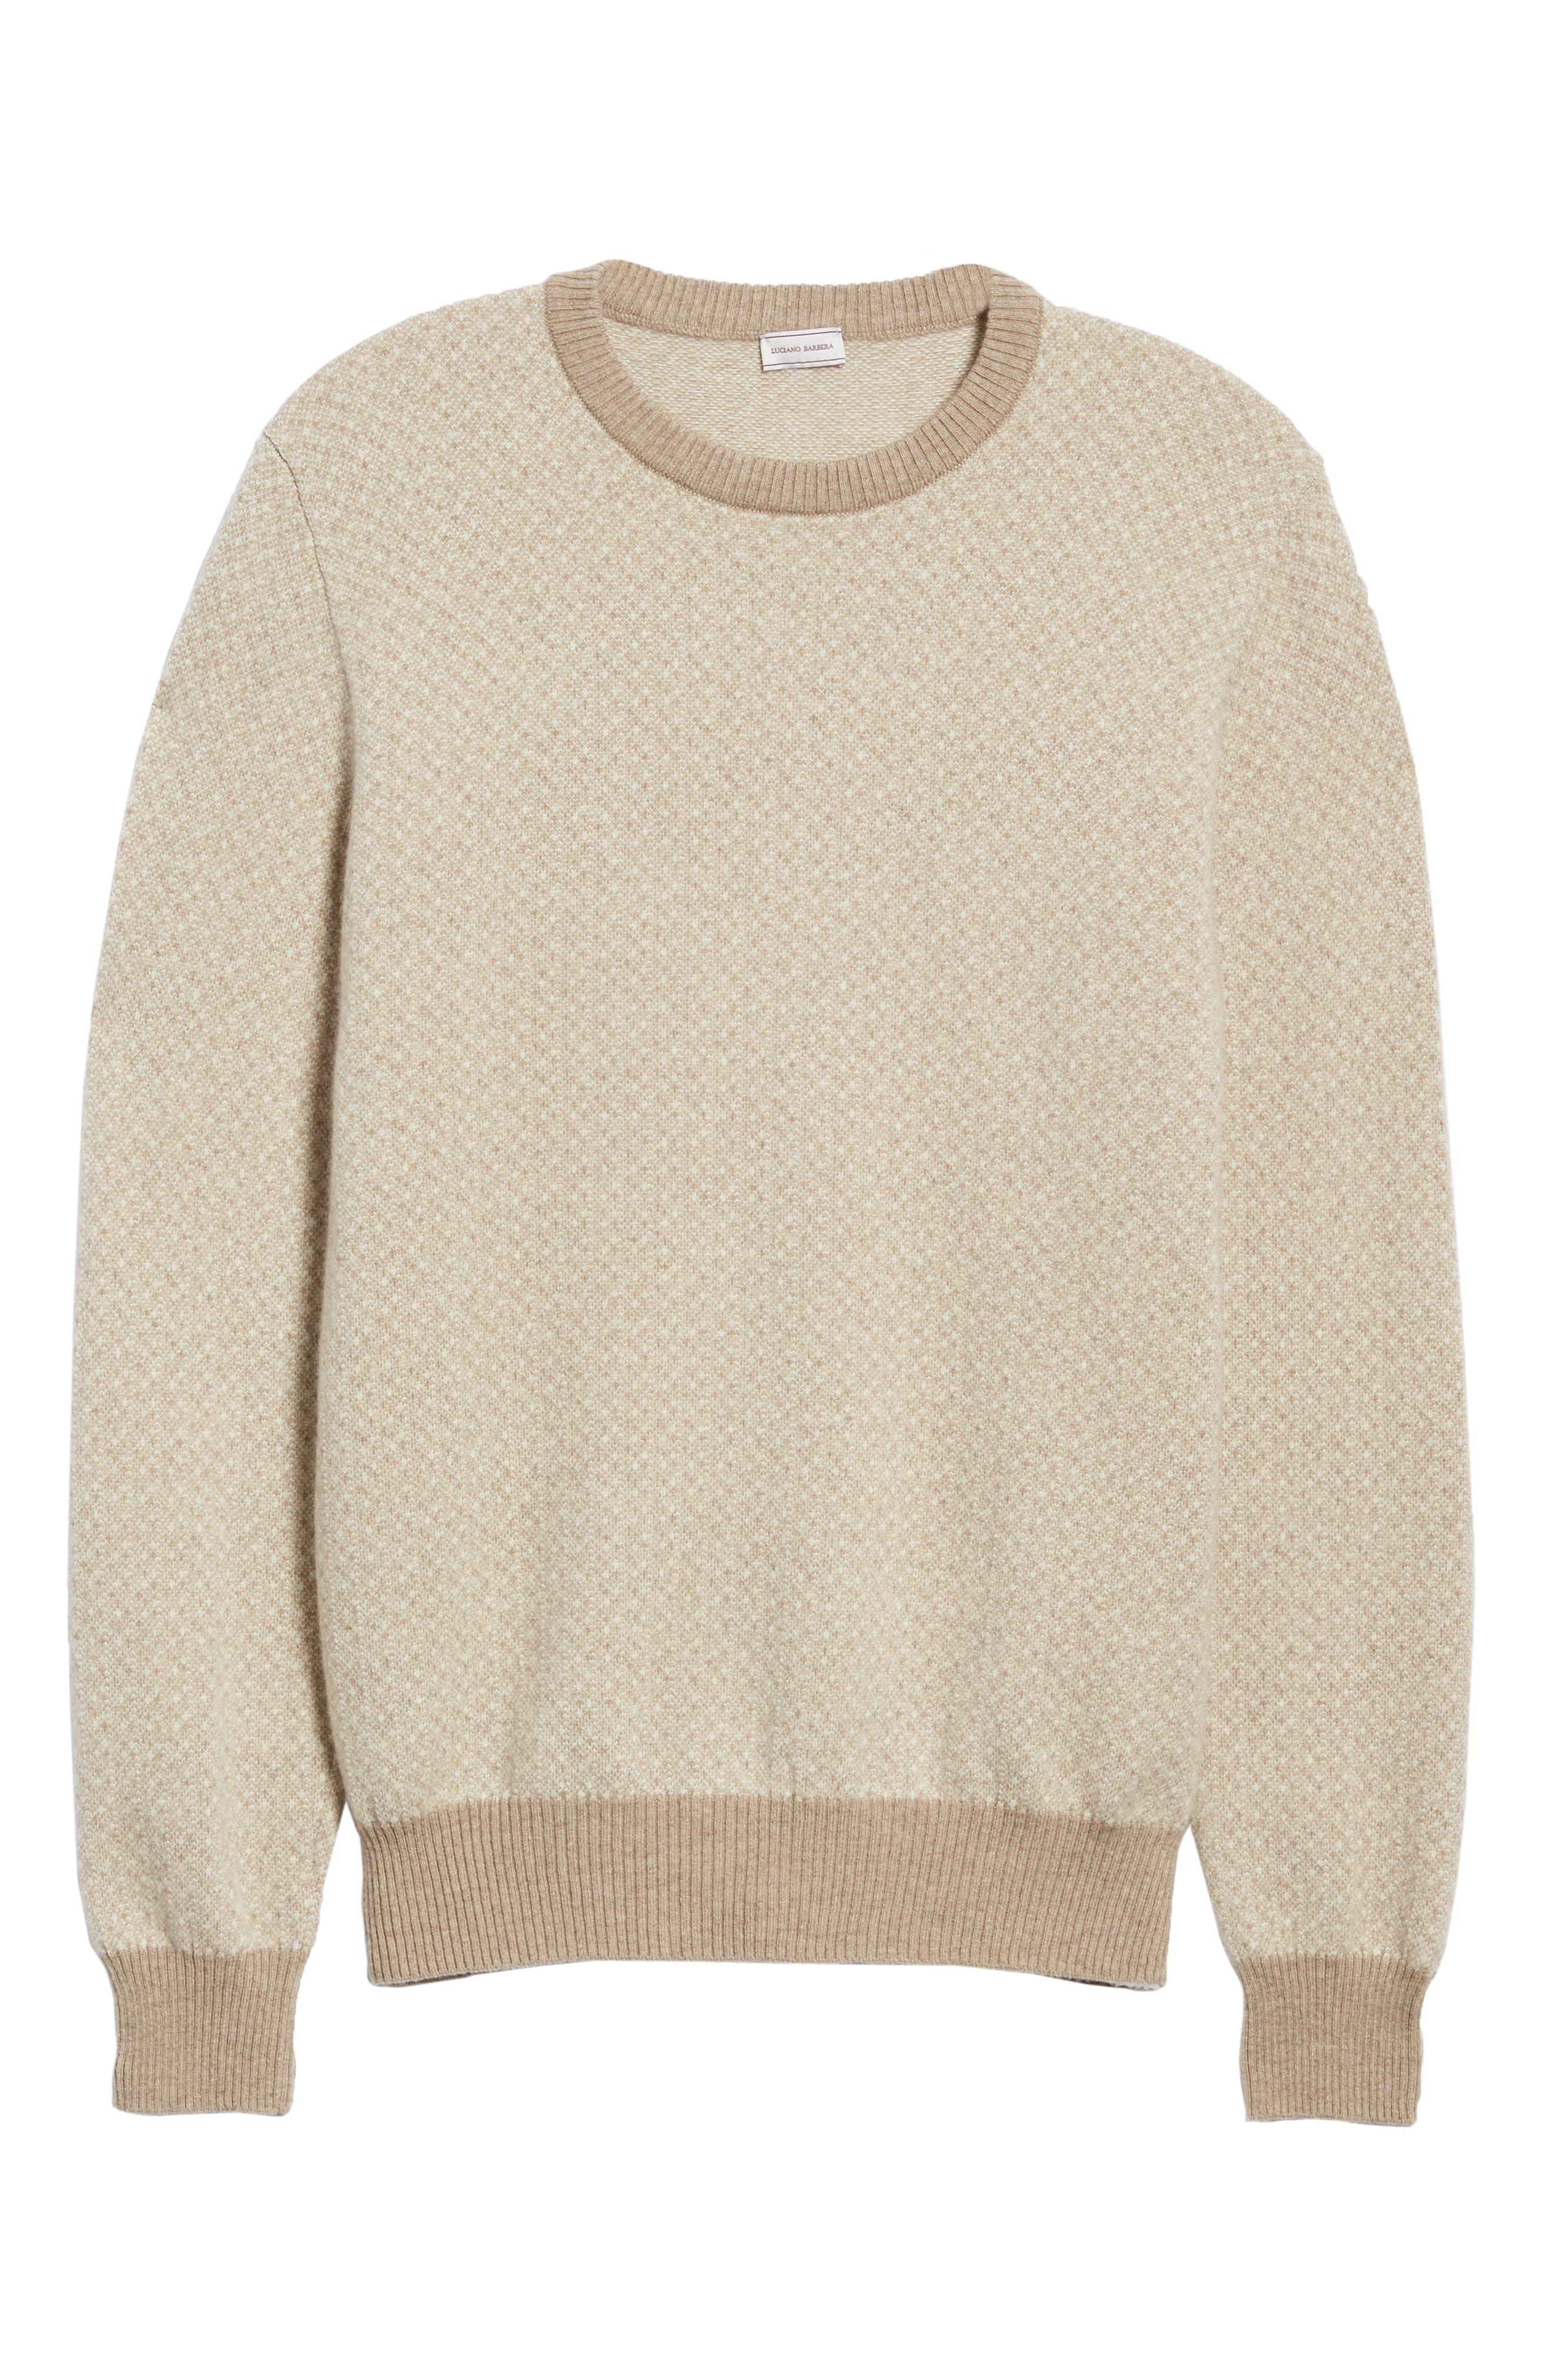 Crewneck Cashmere Sweater,                             Alternate thumbnail 6, color,                             BEIGE